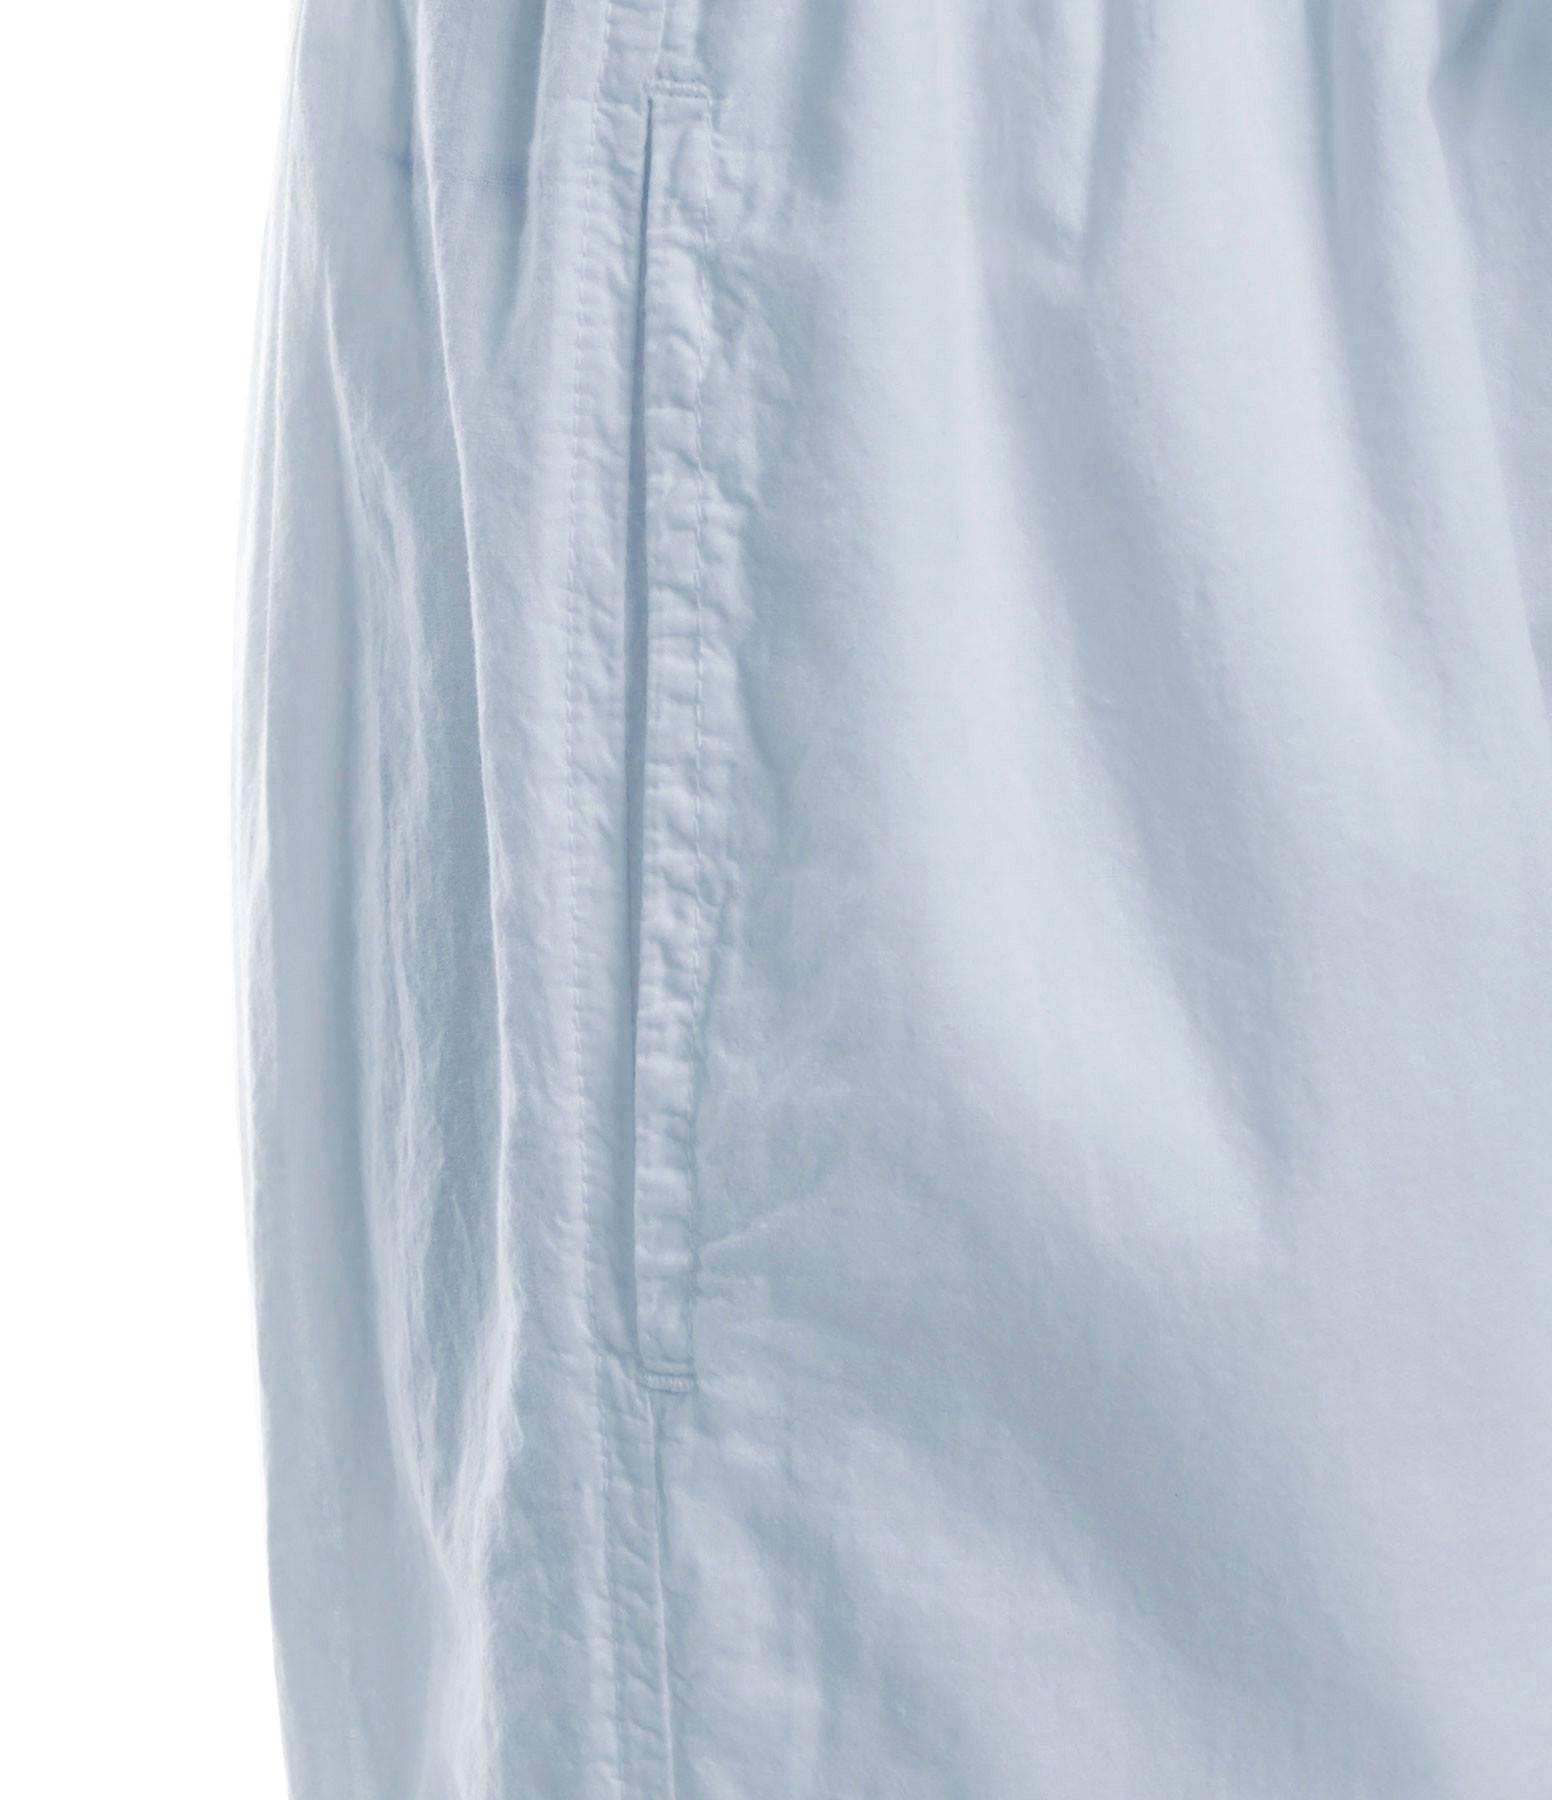 XIRENA - Pantalon Draper Bleu Ciel